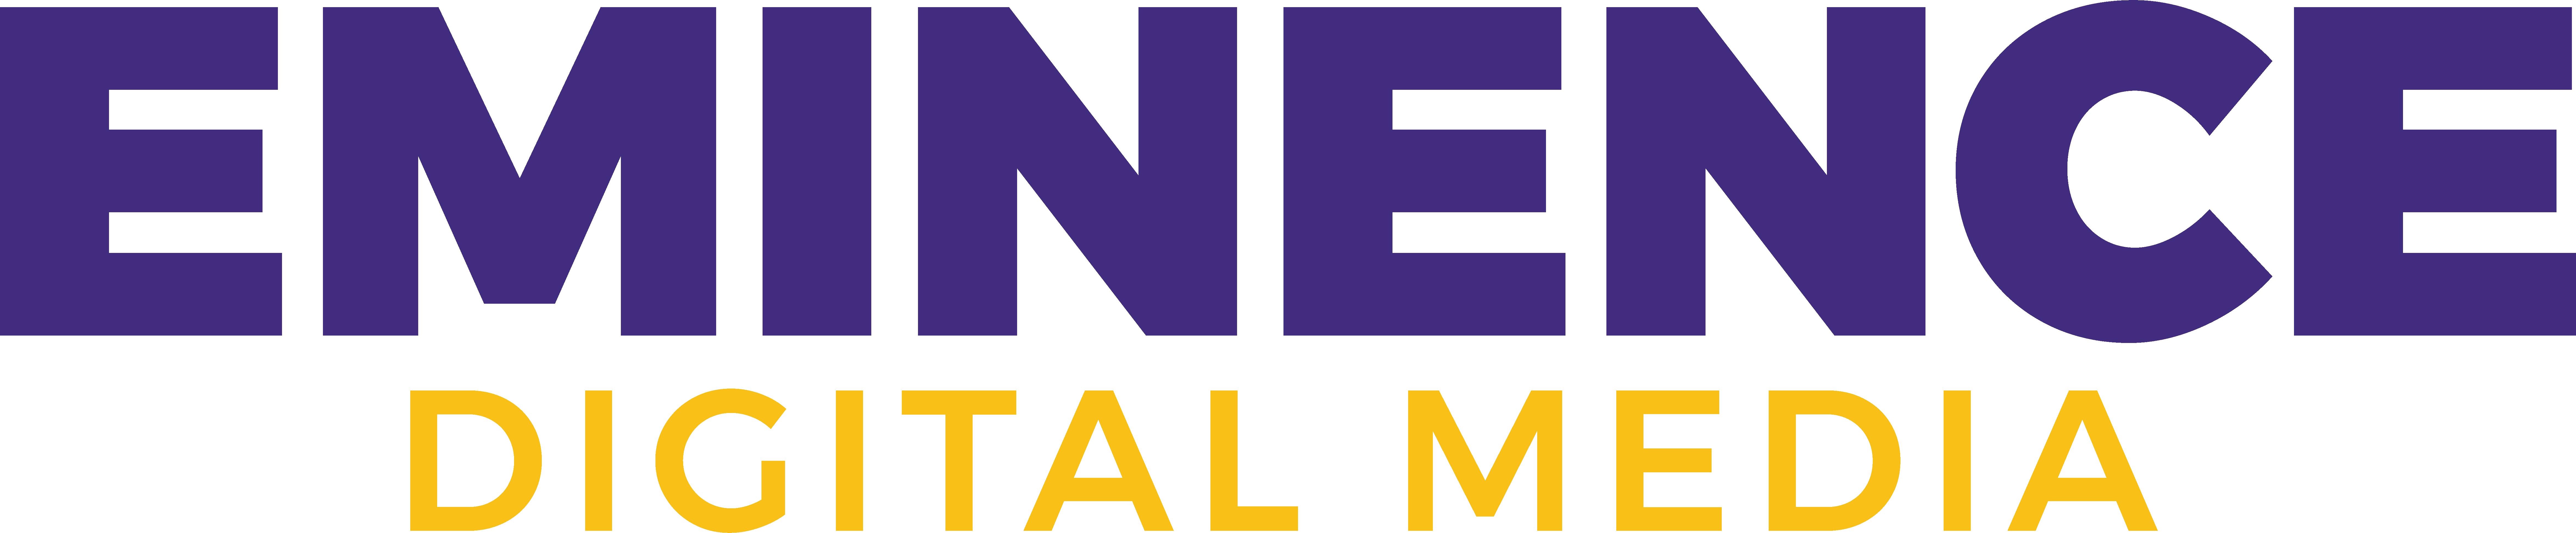 Eminence Digital Media